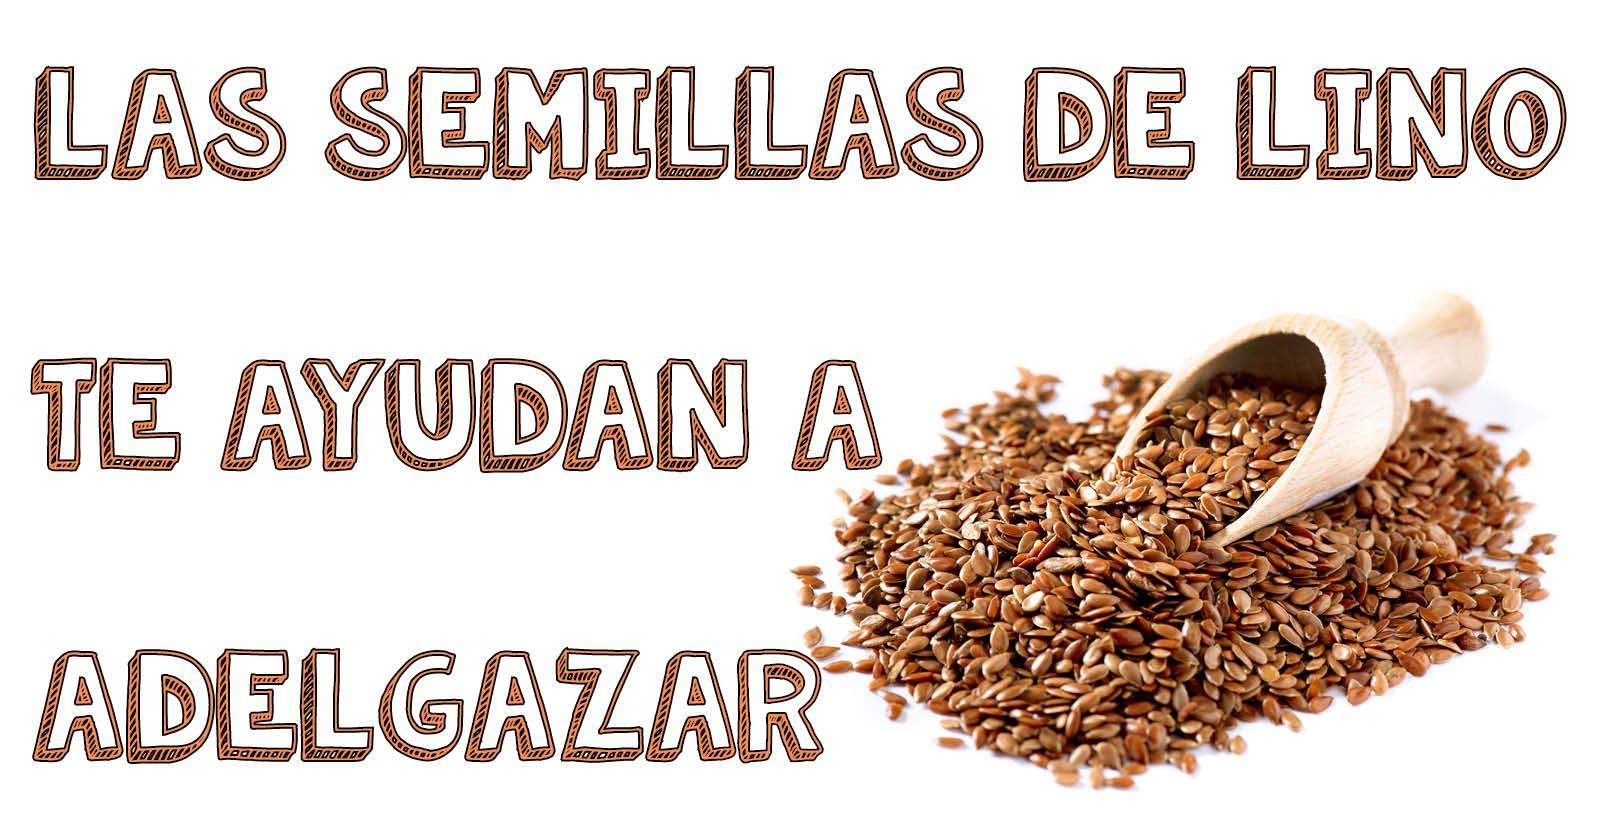 Las semillas de lino, te ayudan a adelgazar - El Blog de